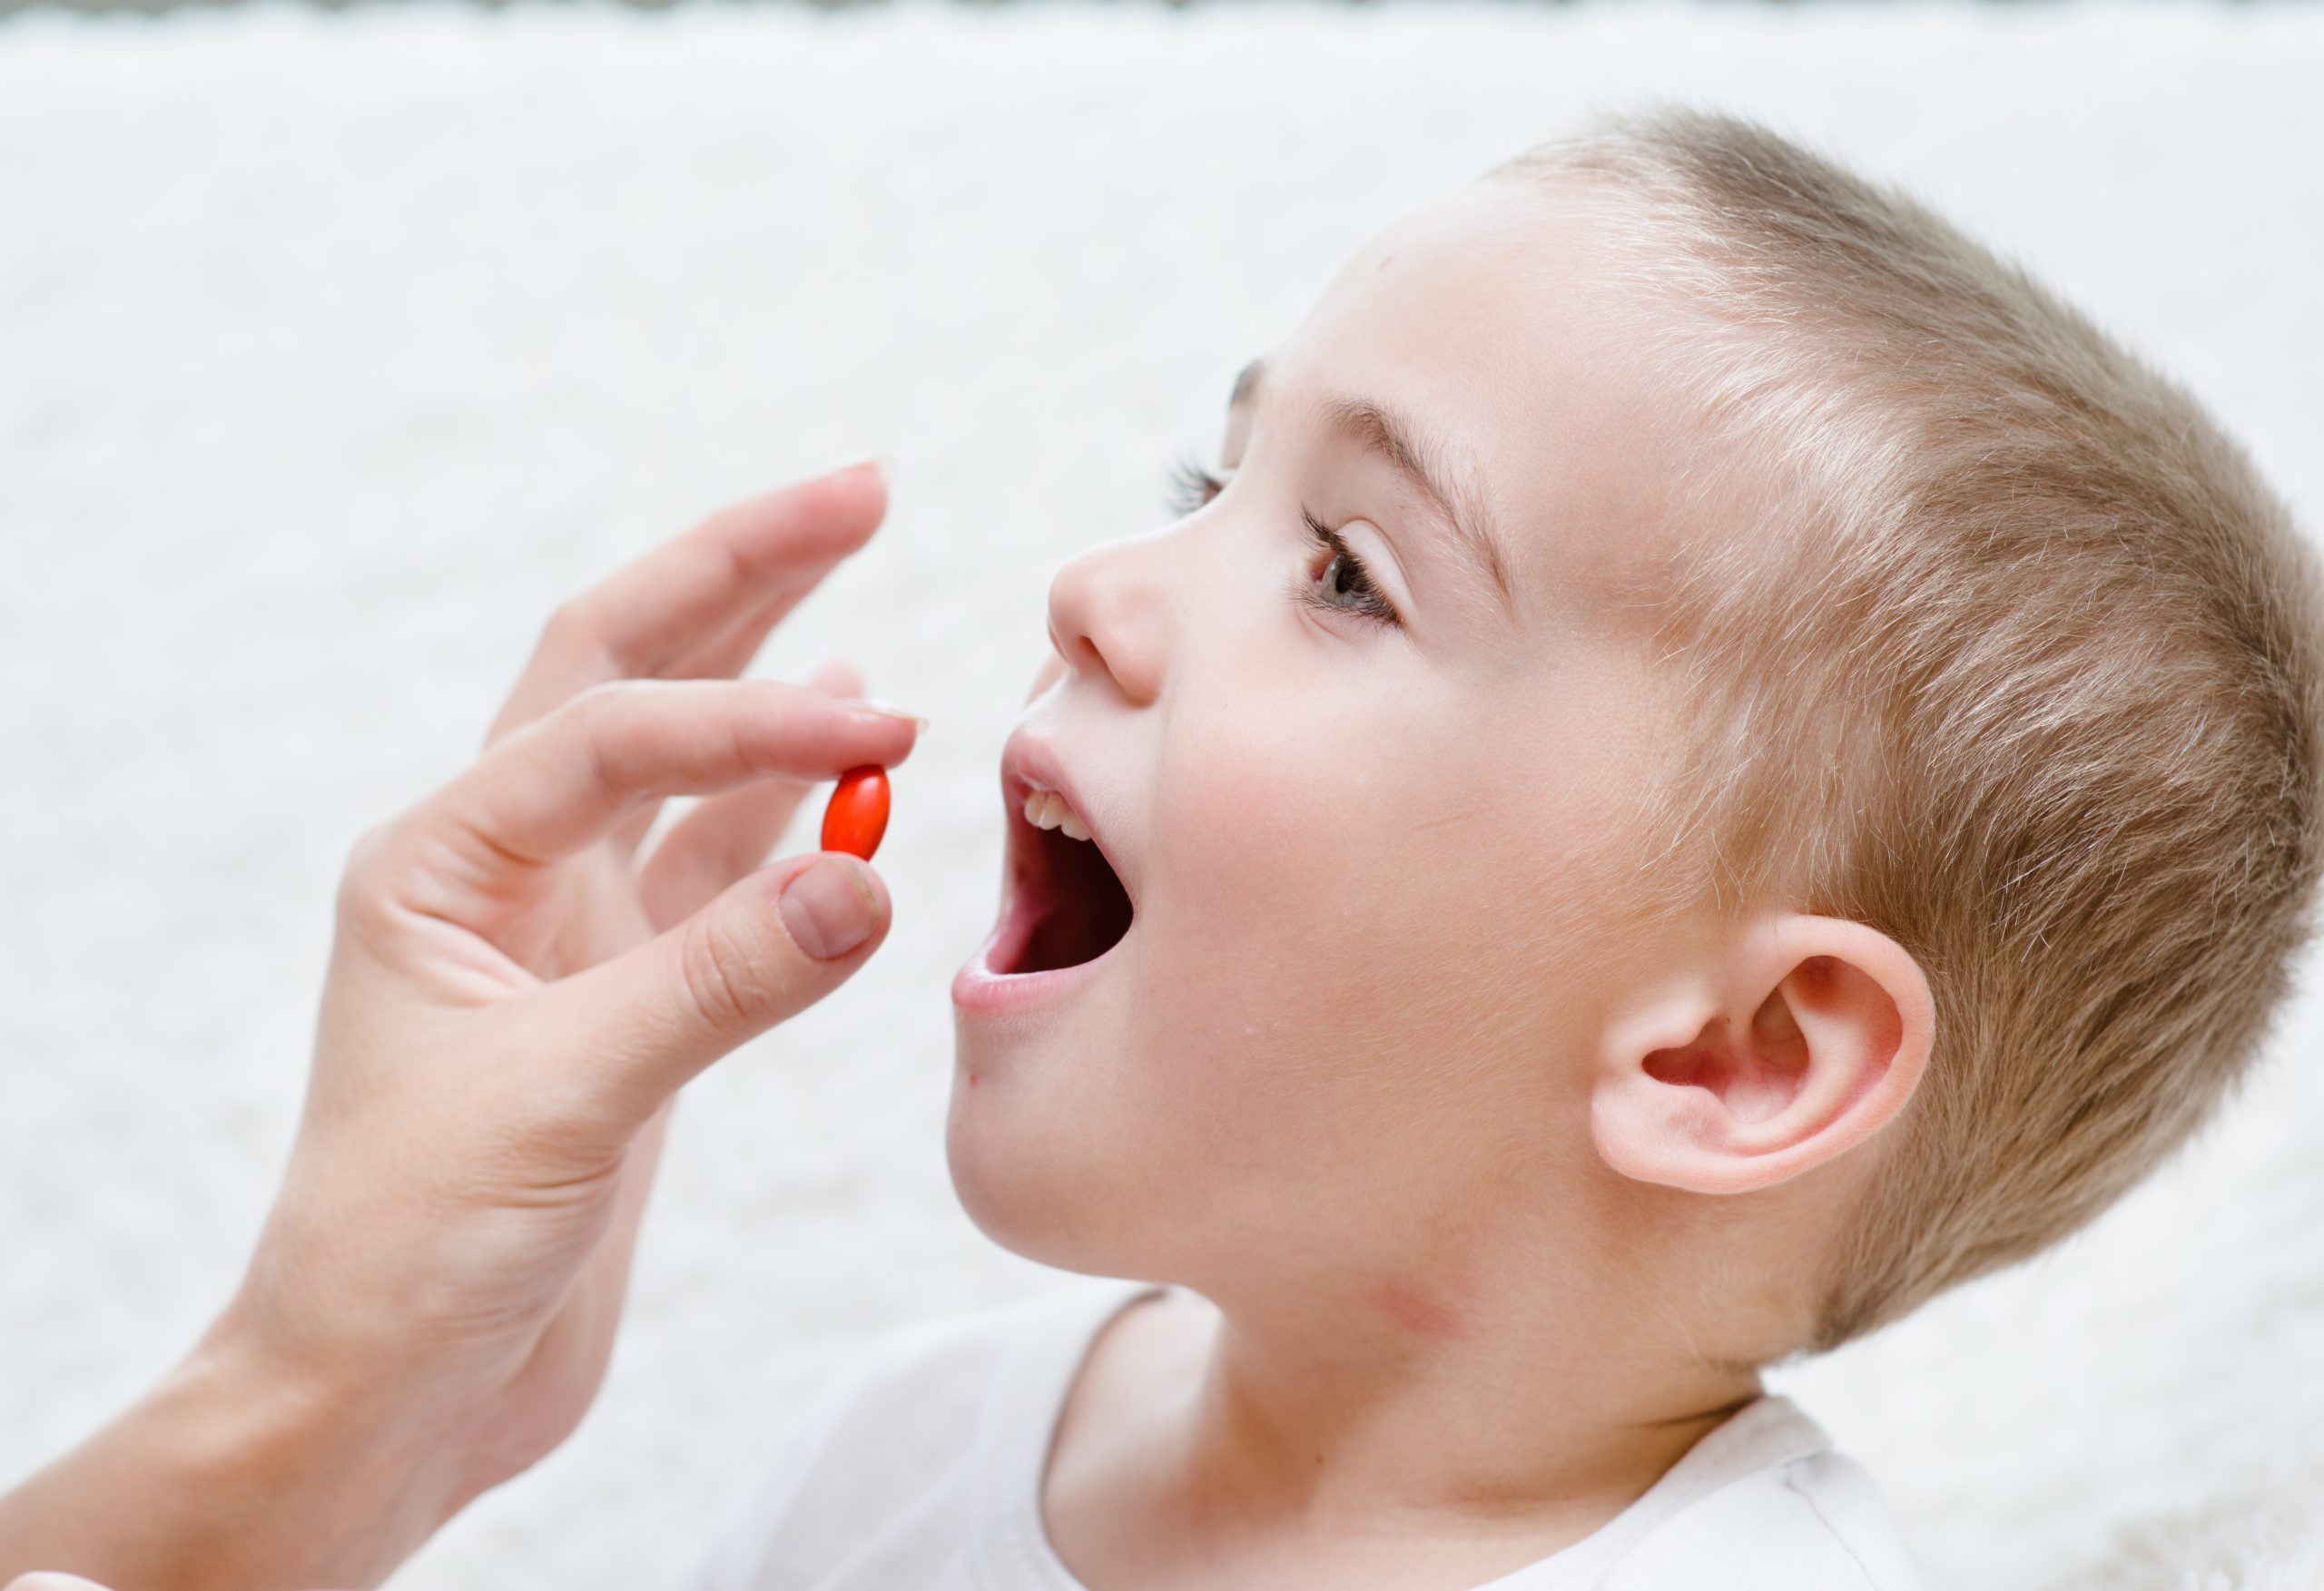 11 лучших витаминов для детей разного возраста в 2021 году